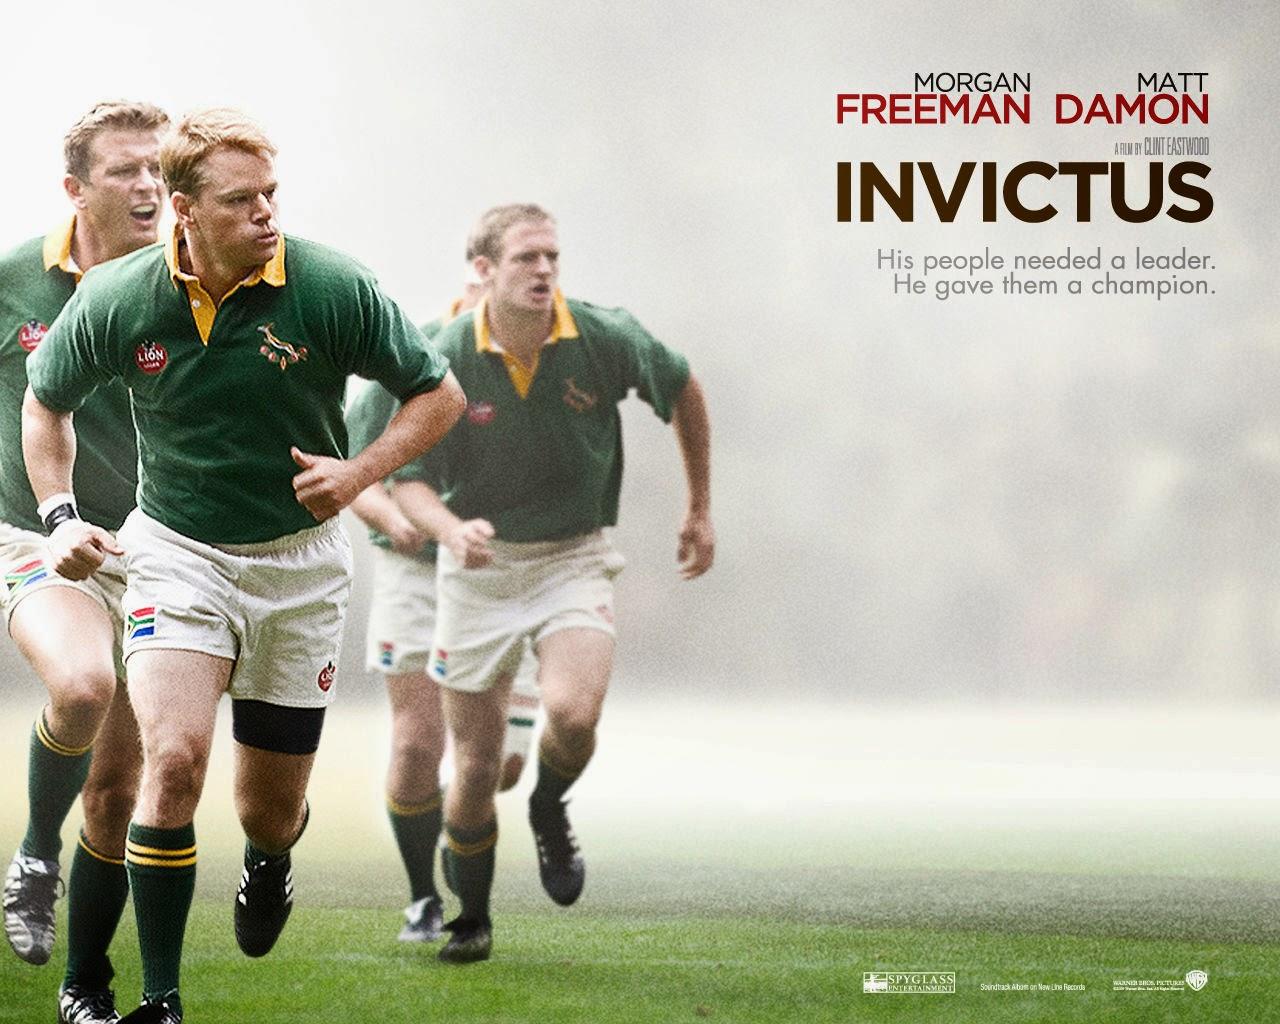 Invictus film review